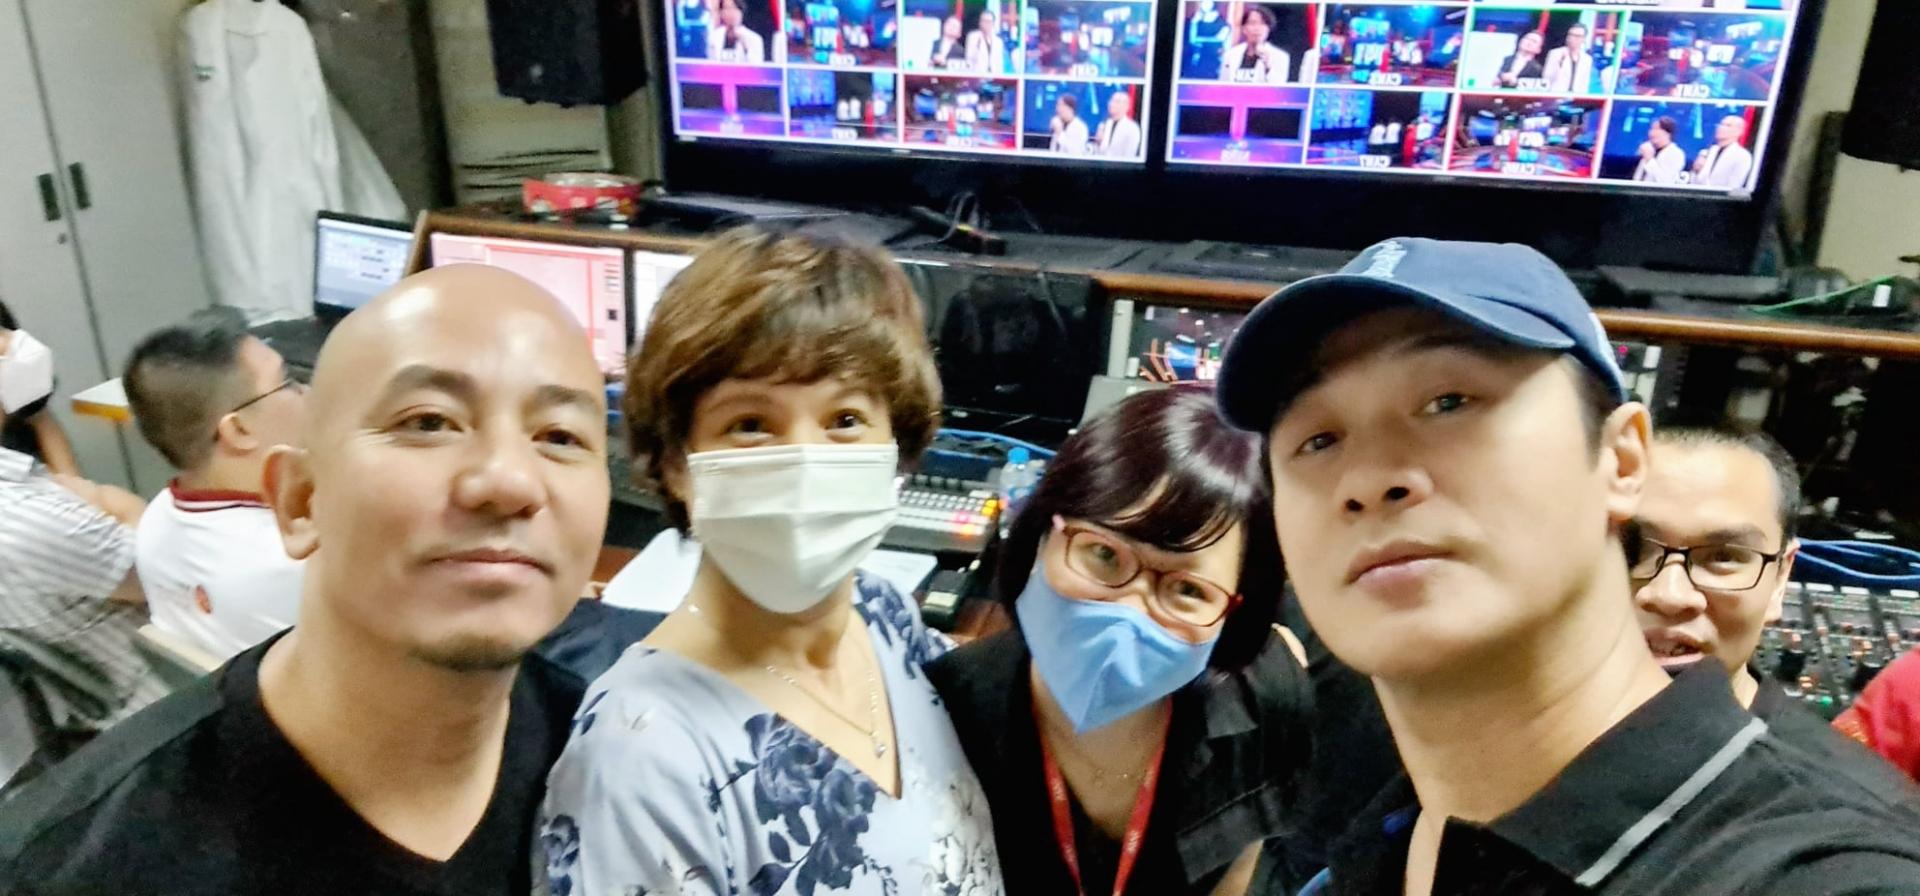 Anh Tuấn - MC ăn ý với Diễm Quỳnh ở VTV 'hack tuổi' đỉnh cao ở U50, kín tiếng trong 2 cuộc hôn nhân 7